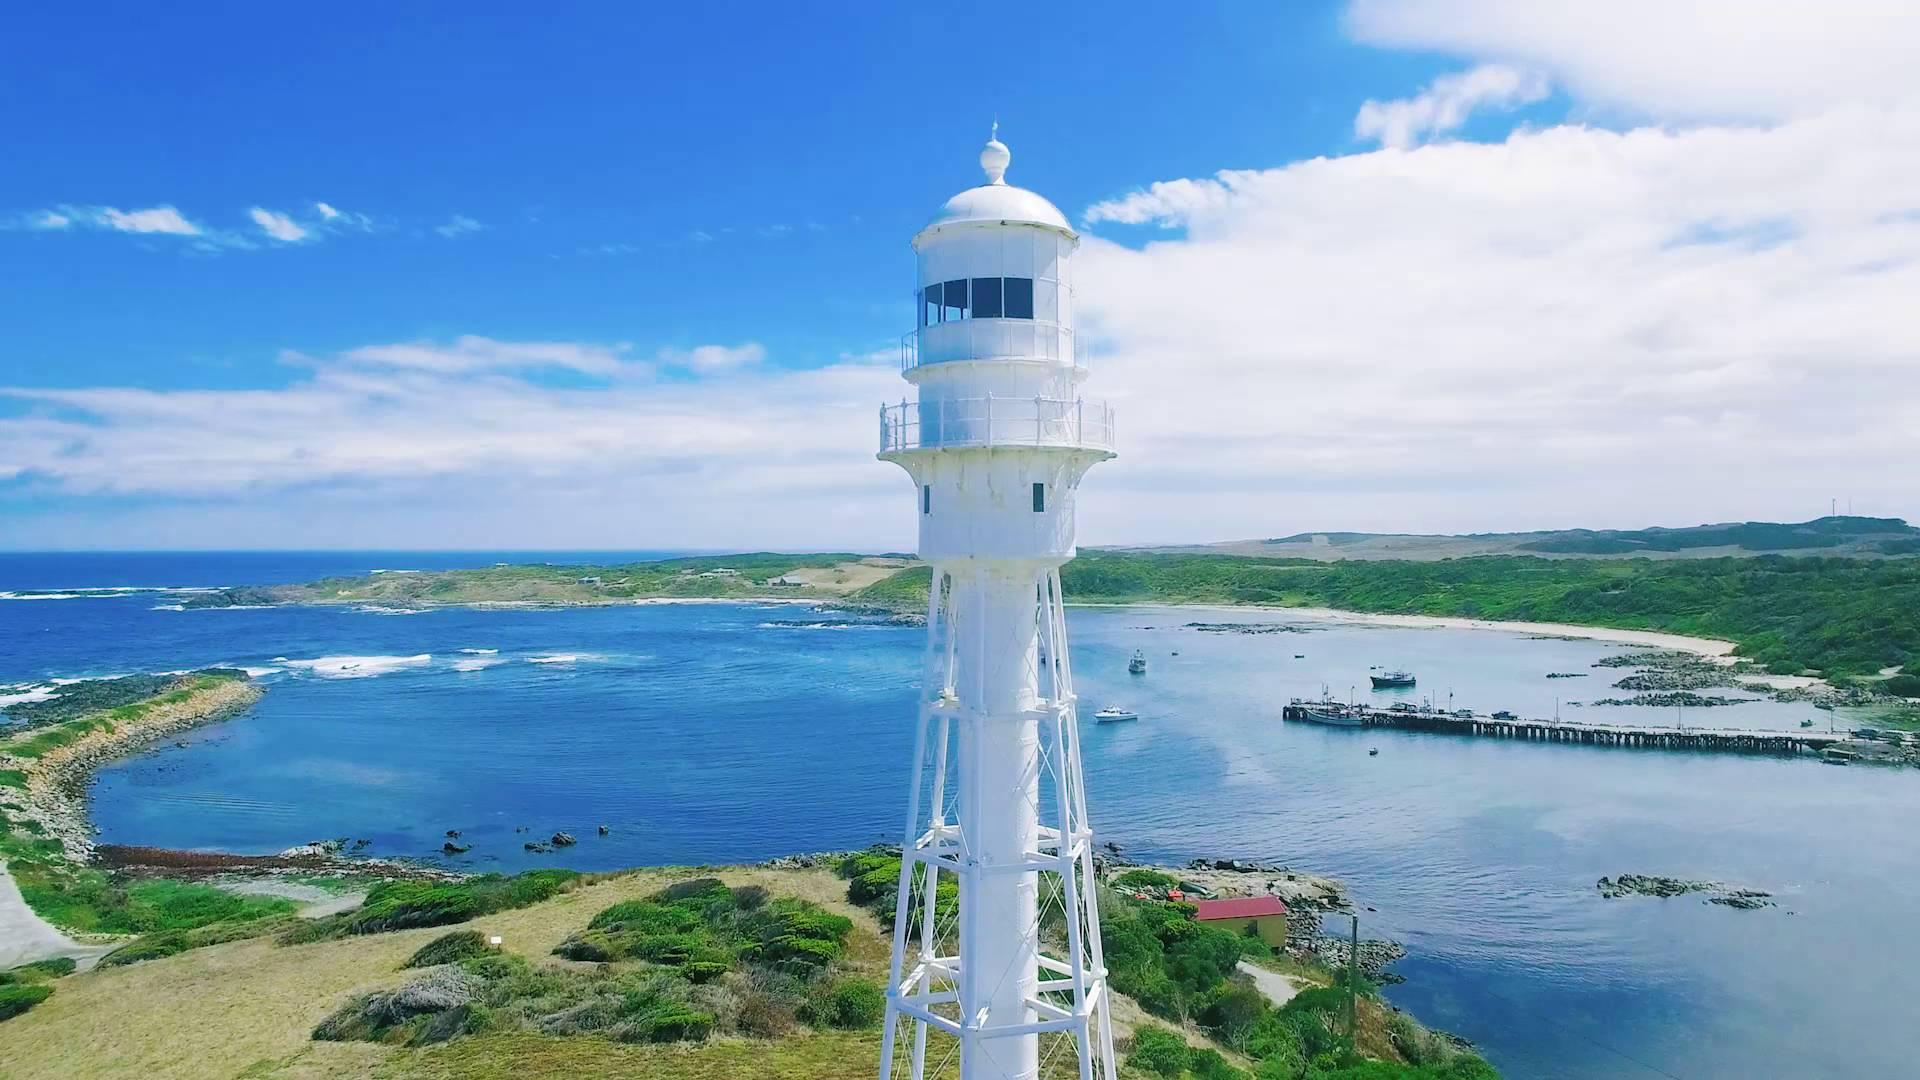 King Island, tasmania, Australia